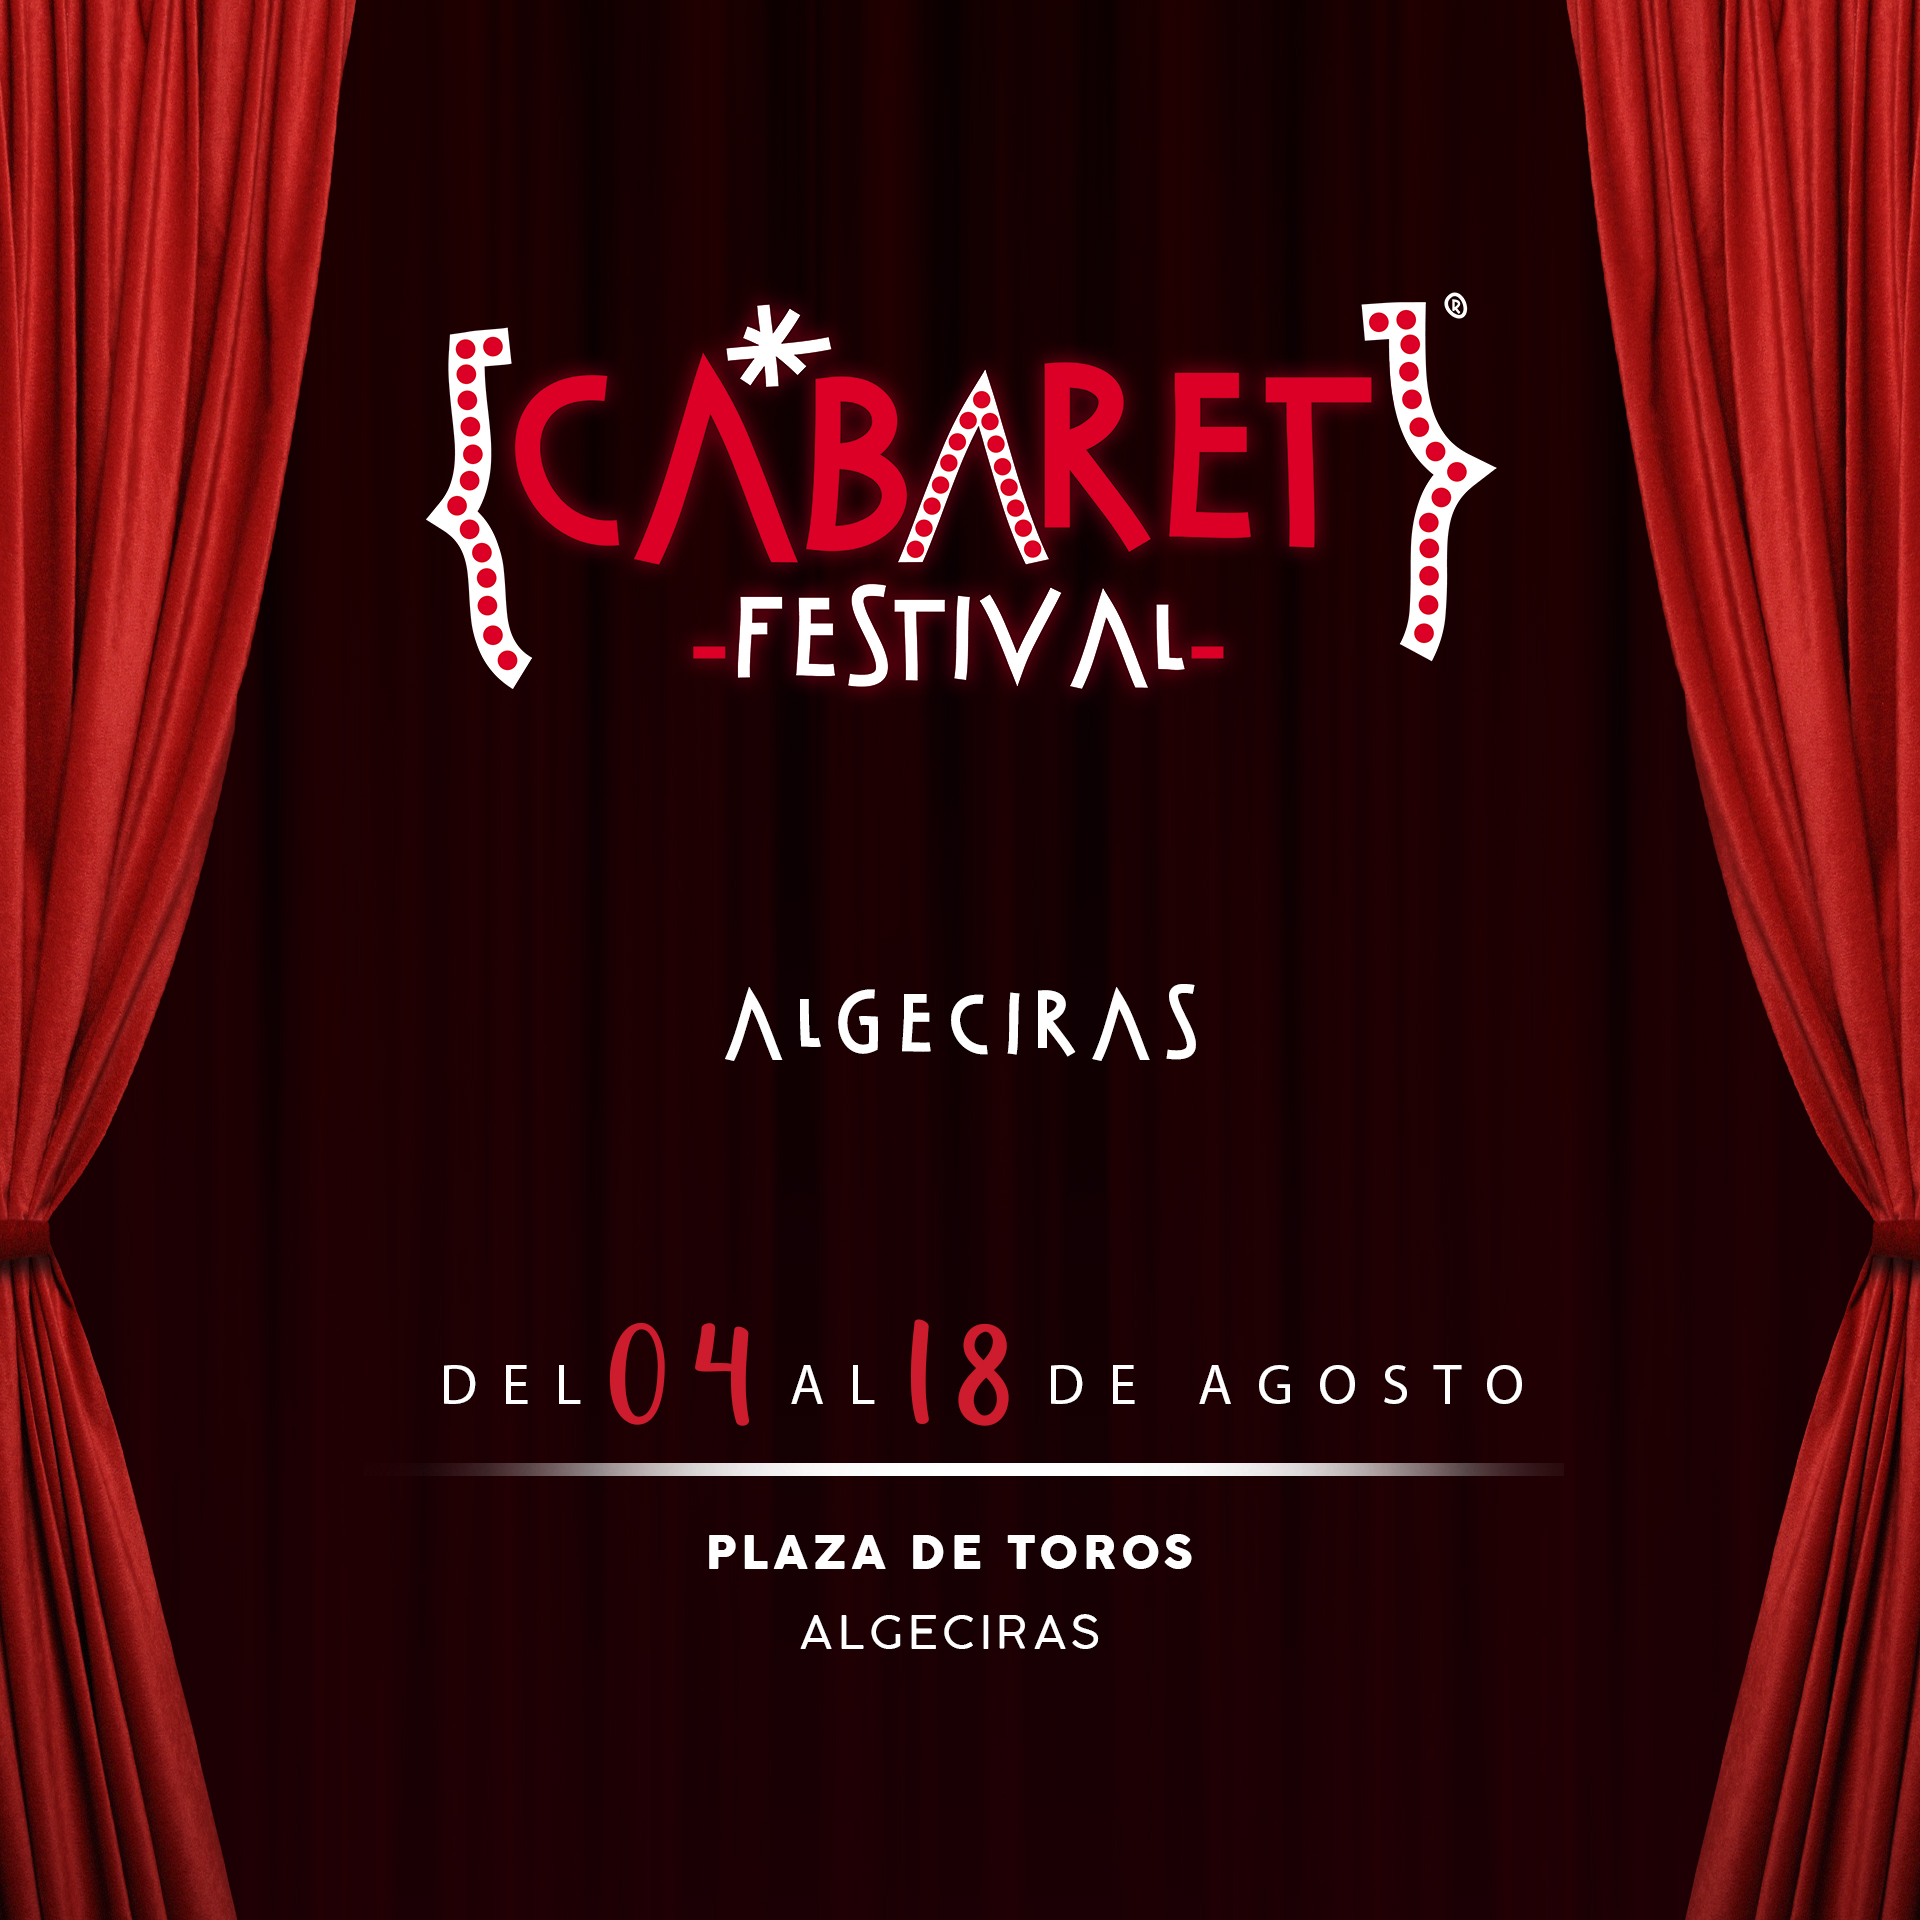 La Plaza de Toros de Algeciras acoge durante este mes de agosto un espectacular ciclo de conciertos dentro de Cabaret Festival.